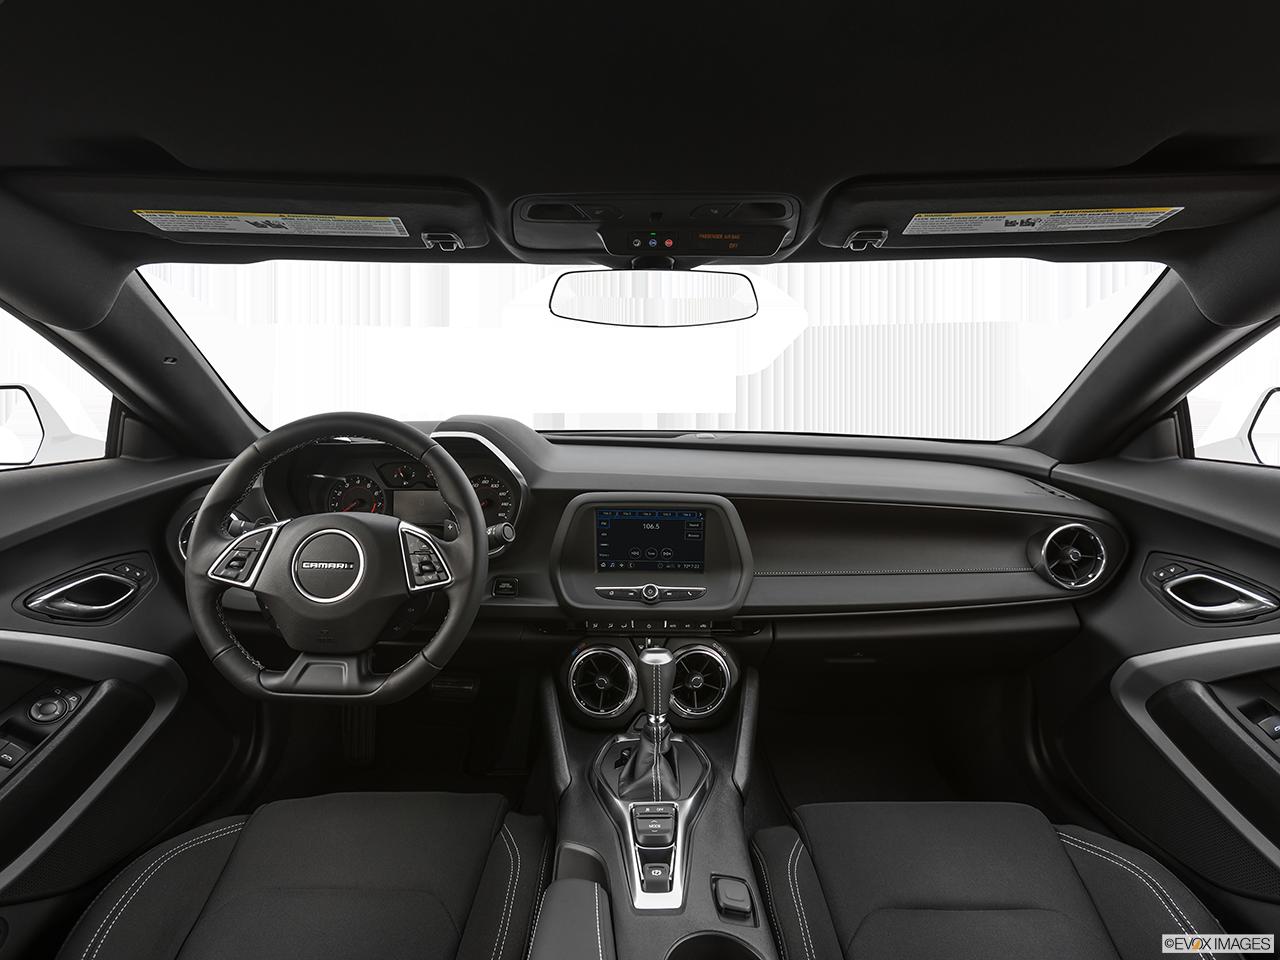 2020 Chevrolet Camaro photo